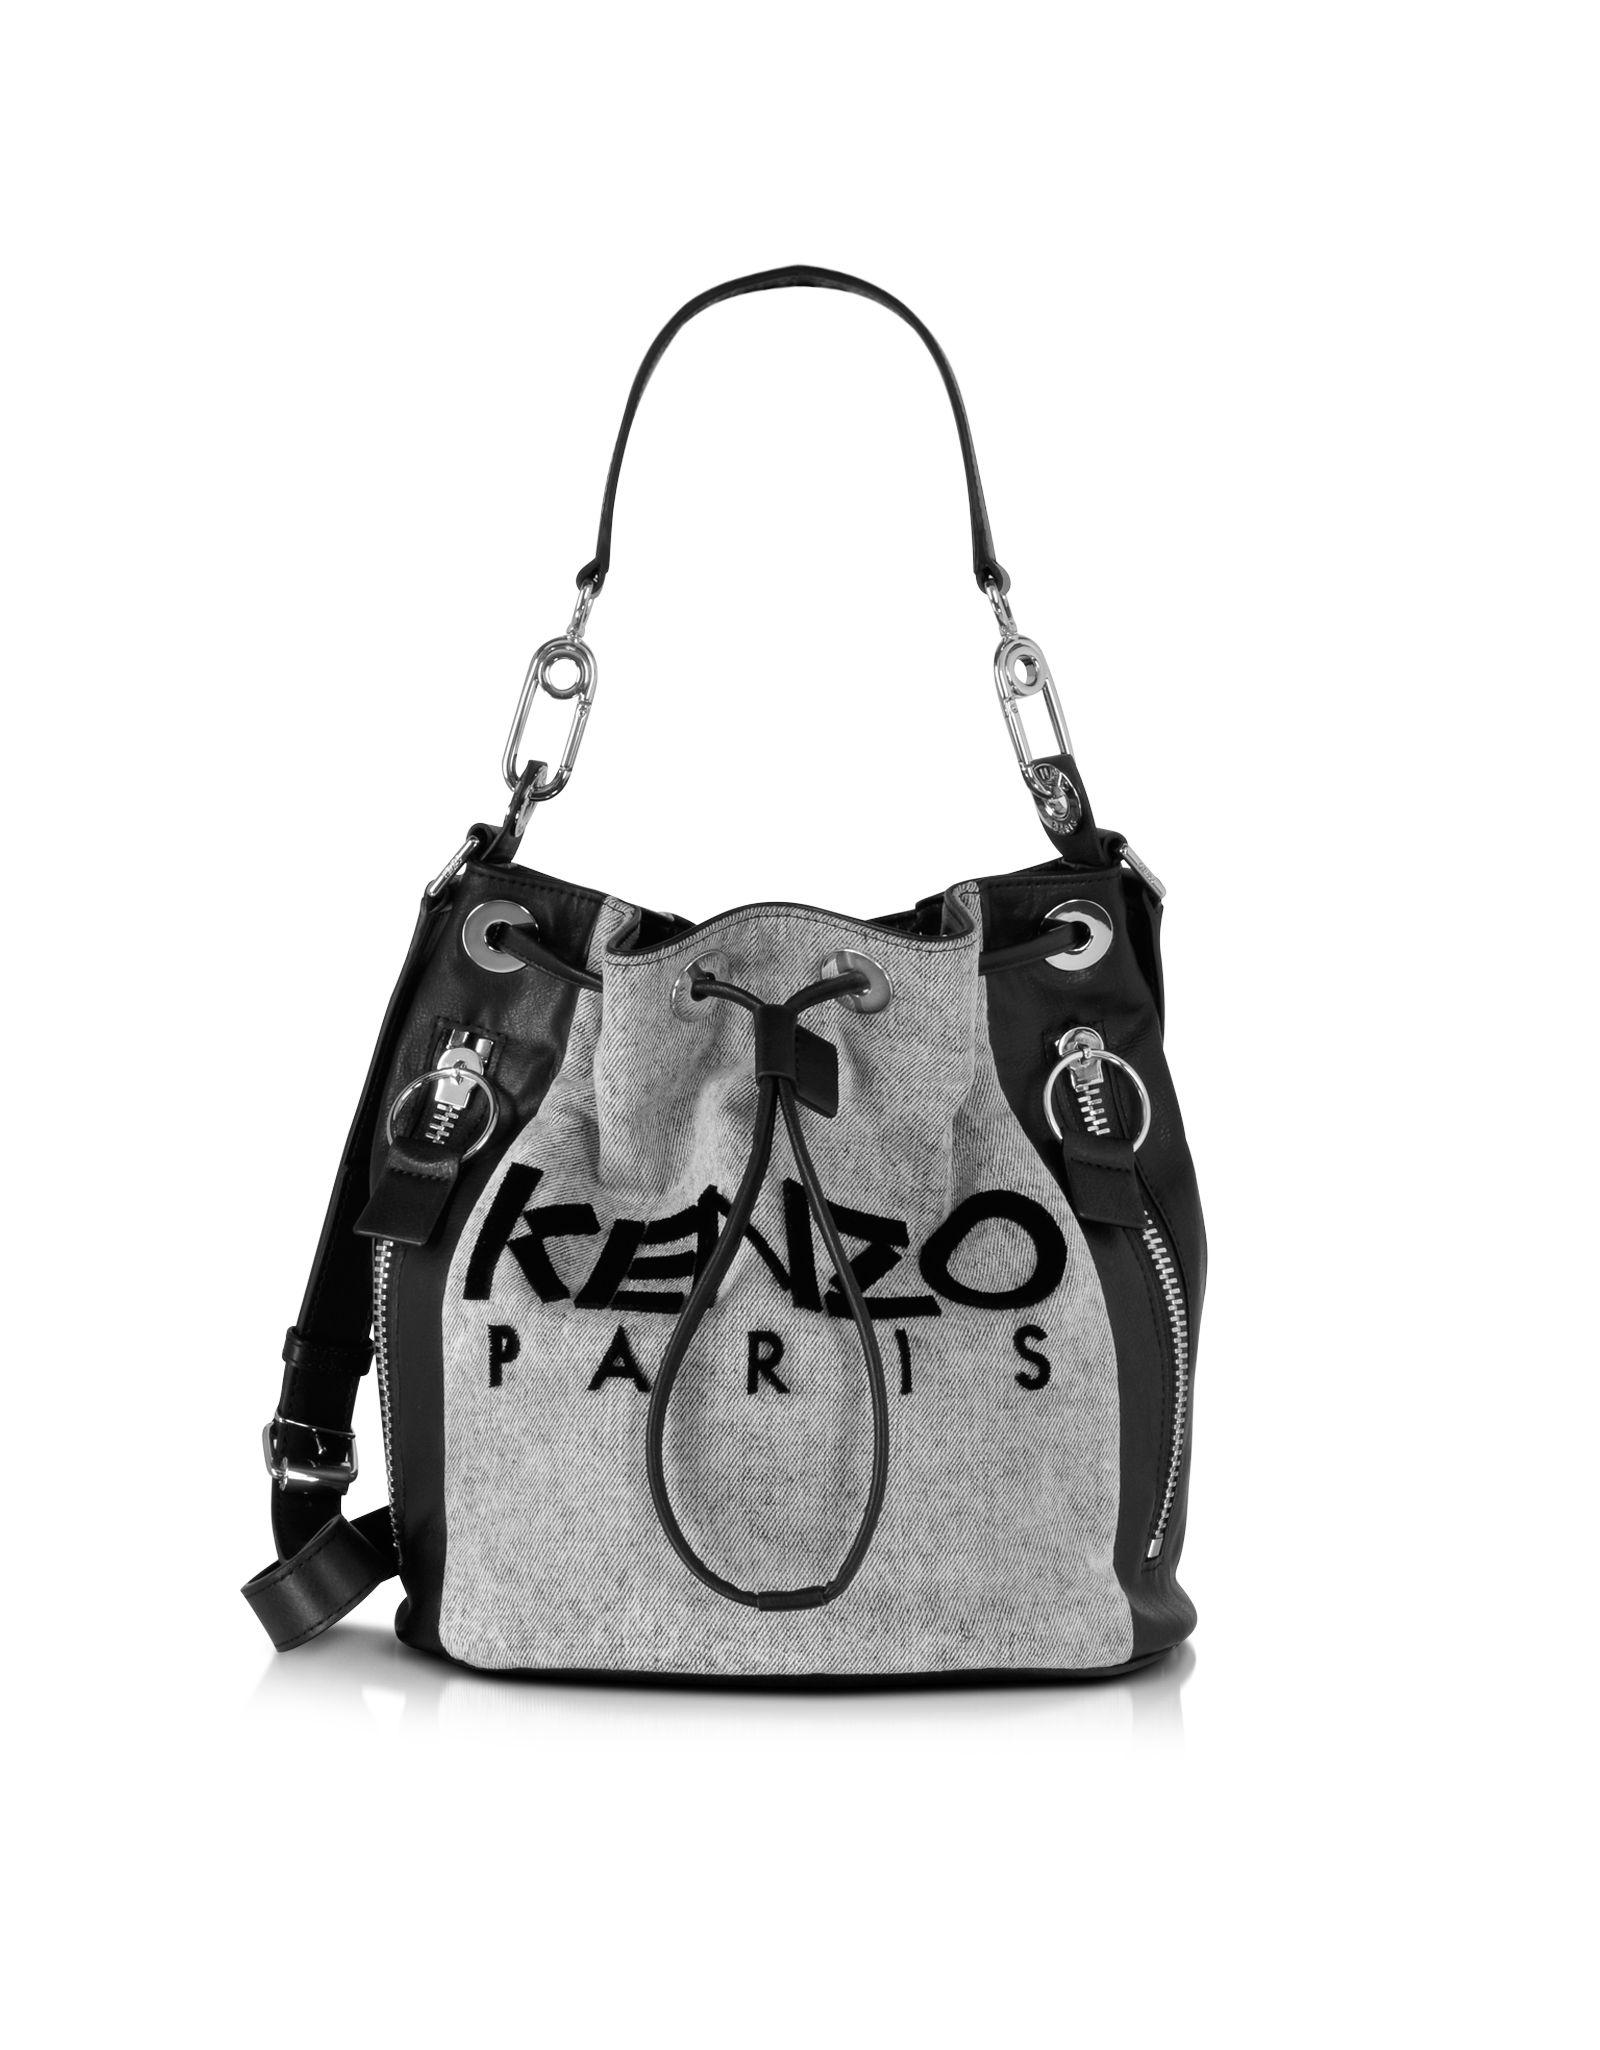 f1245288d8 Kenzo Kanvas Bucket Bag | KENZO | Bags, Bucket Bag, Kenzo